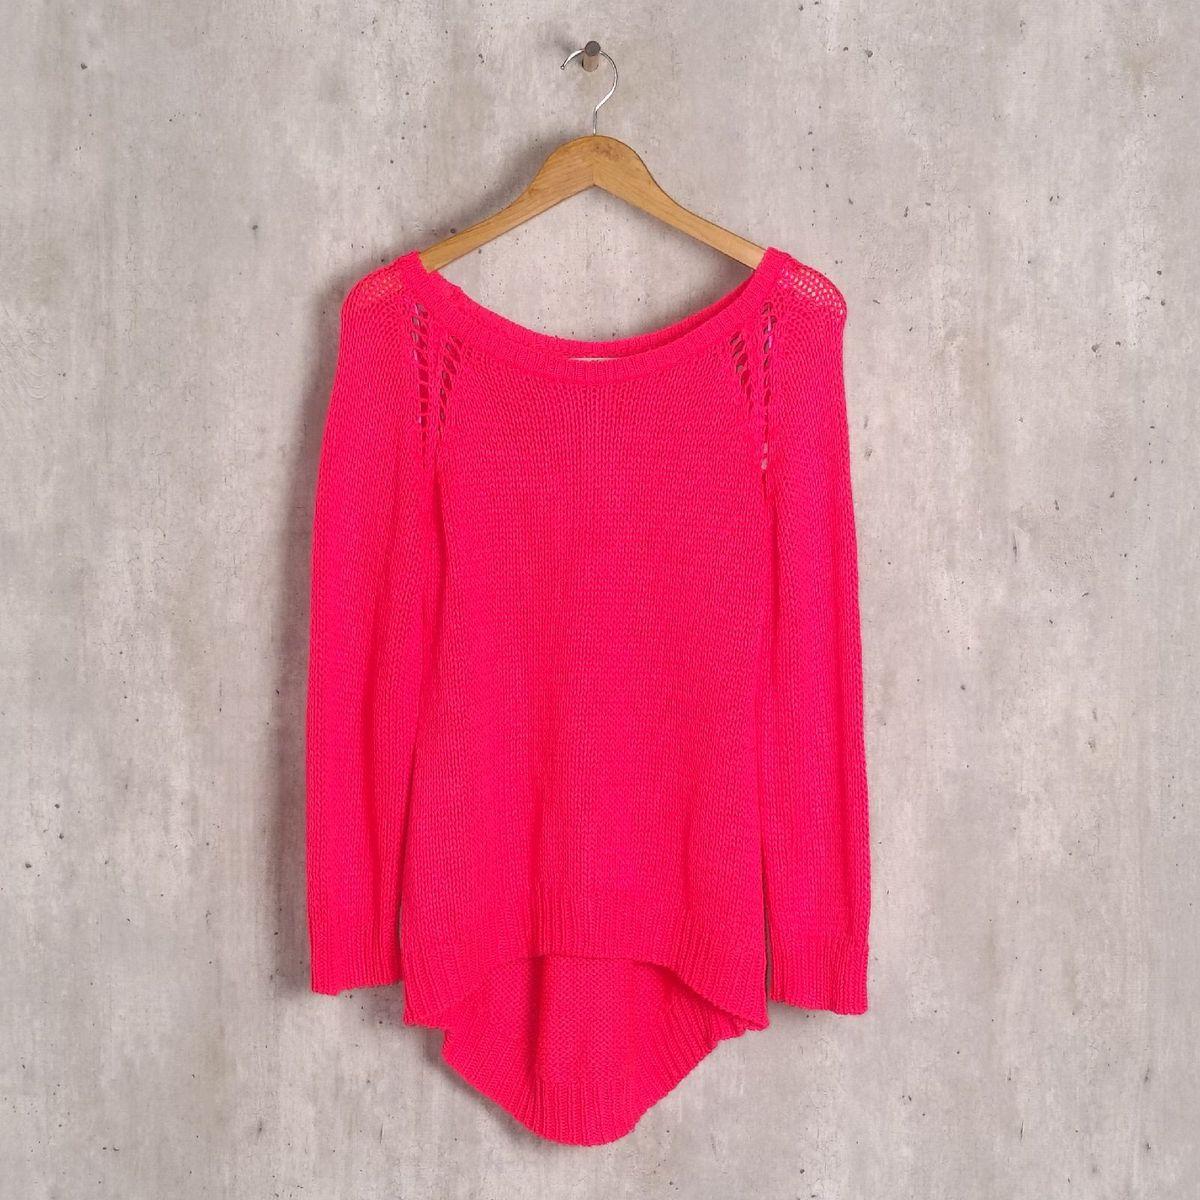 blusa rosa neon tricô em trama aberta zara - casaquinhos zara